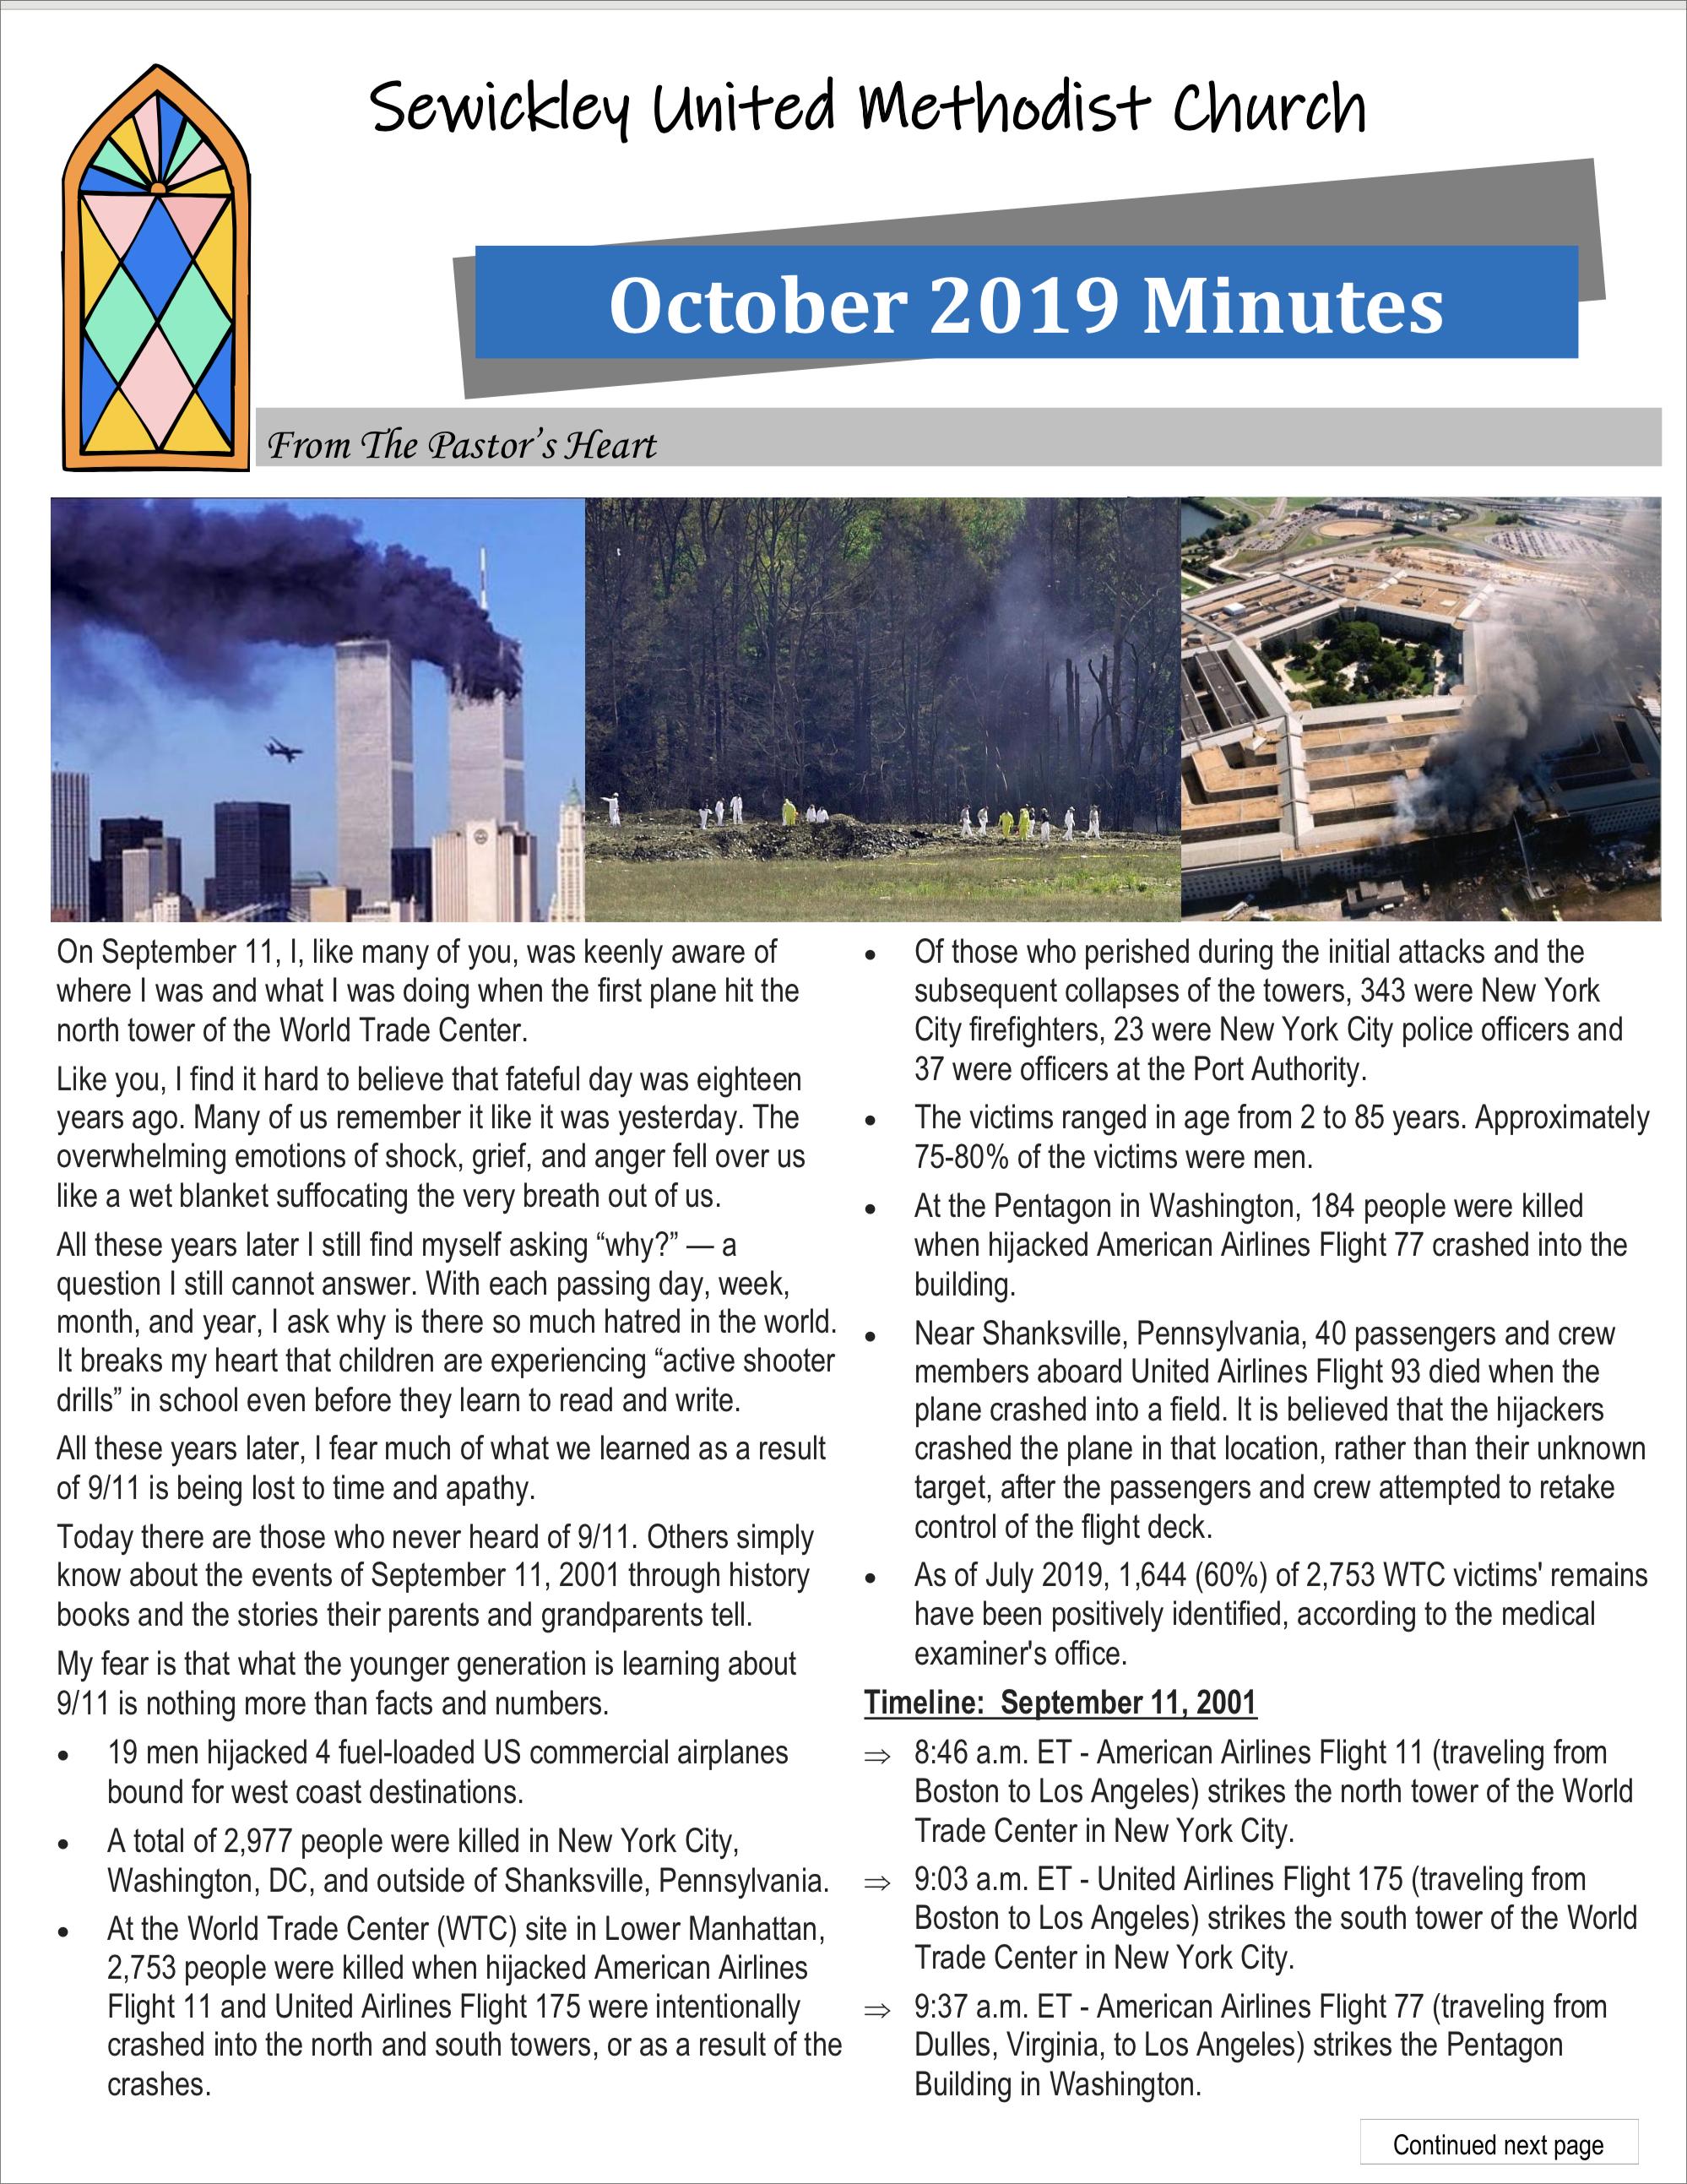 October 2019 Minutes.png